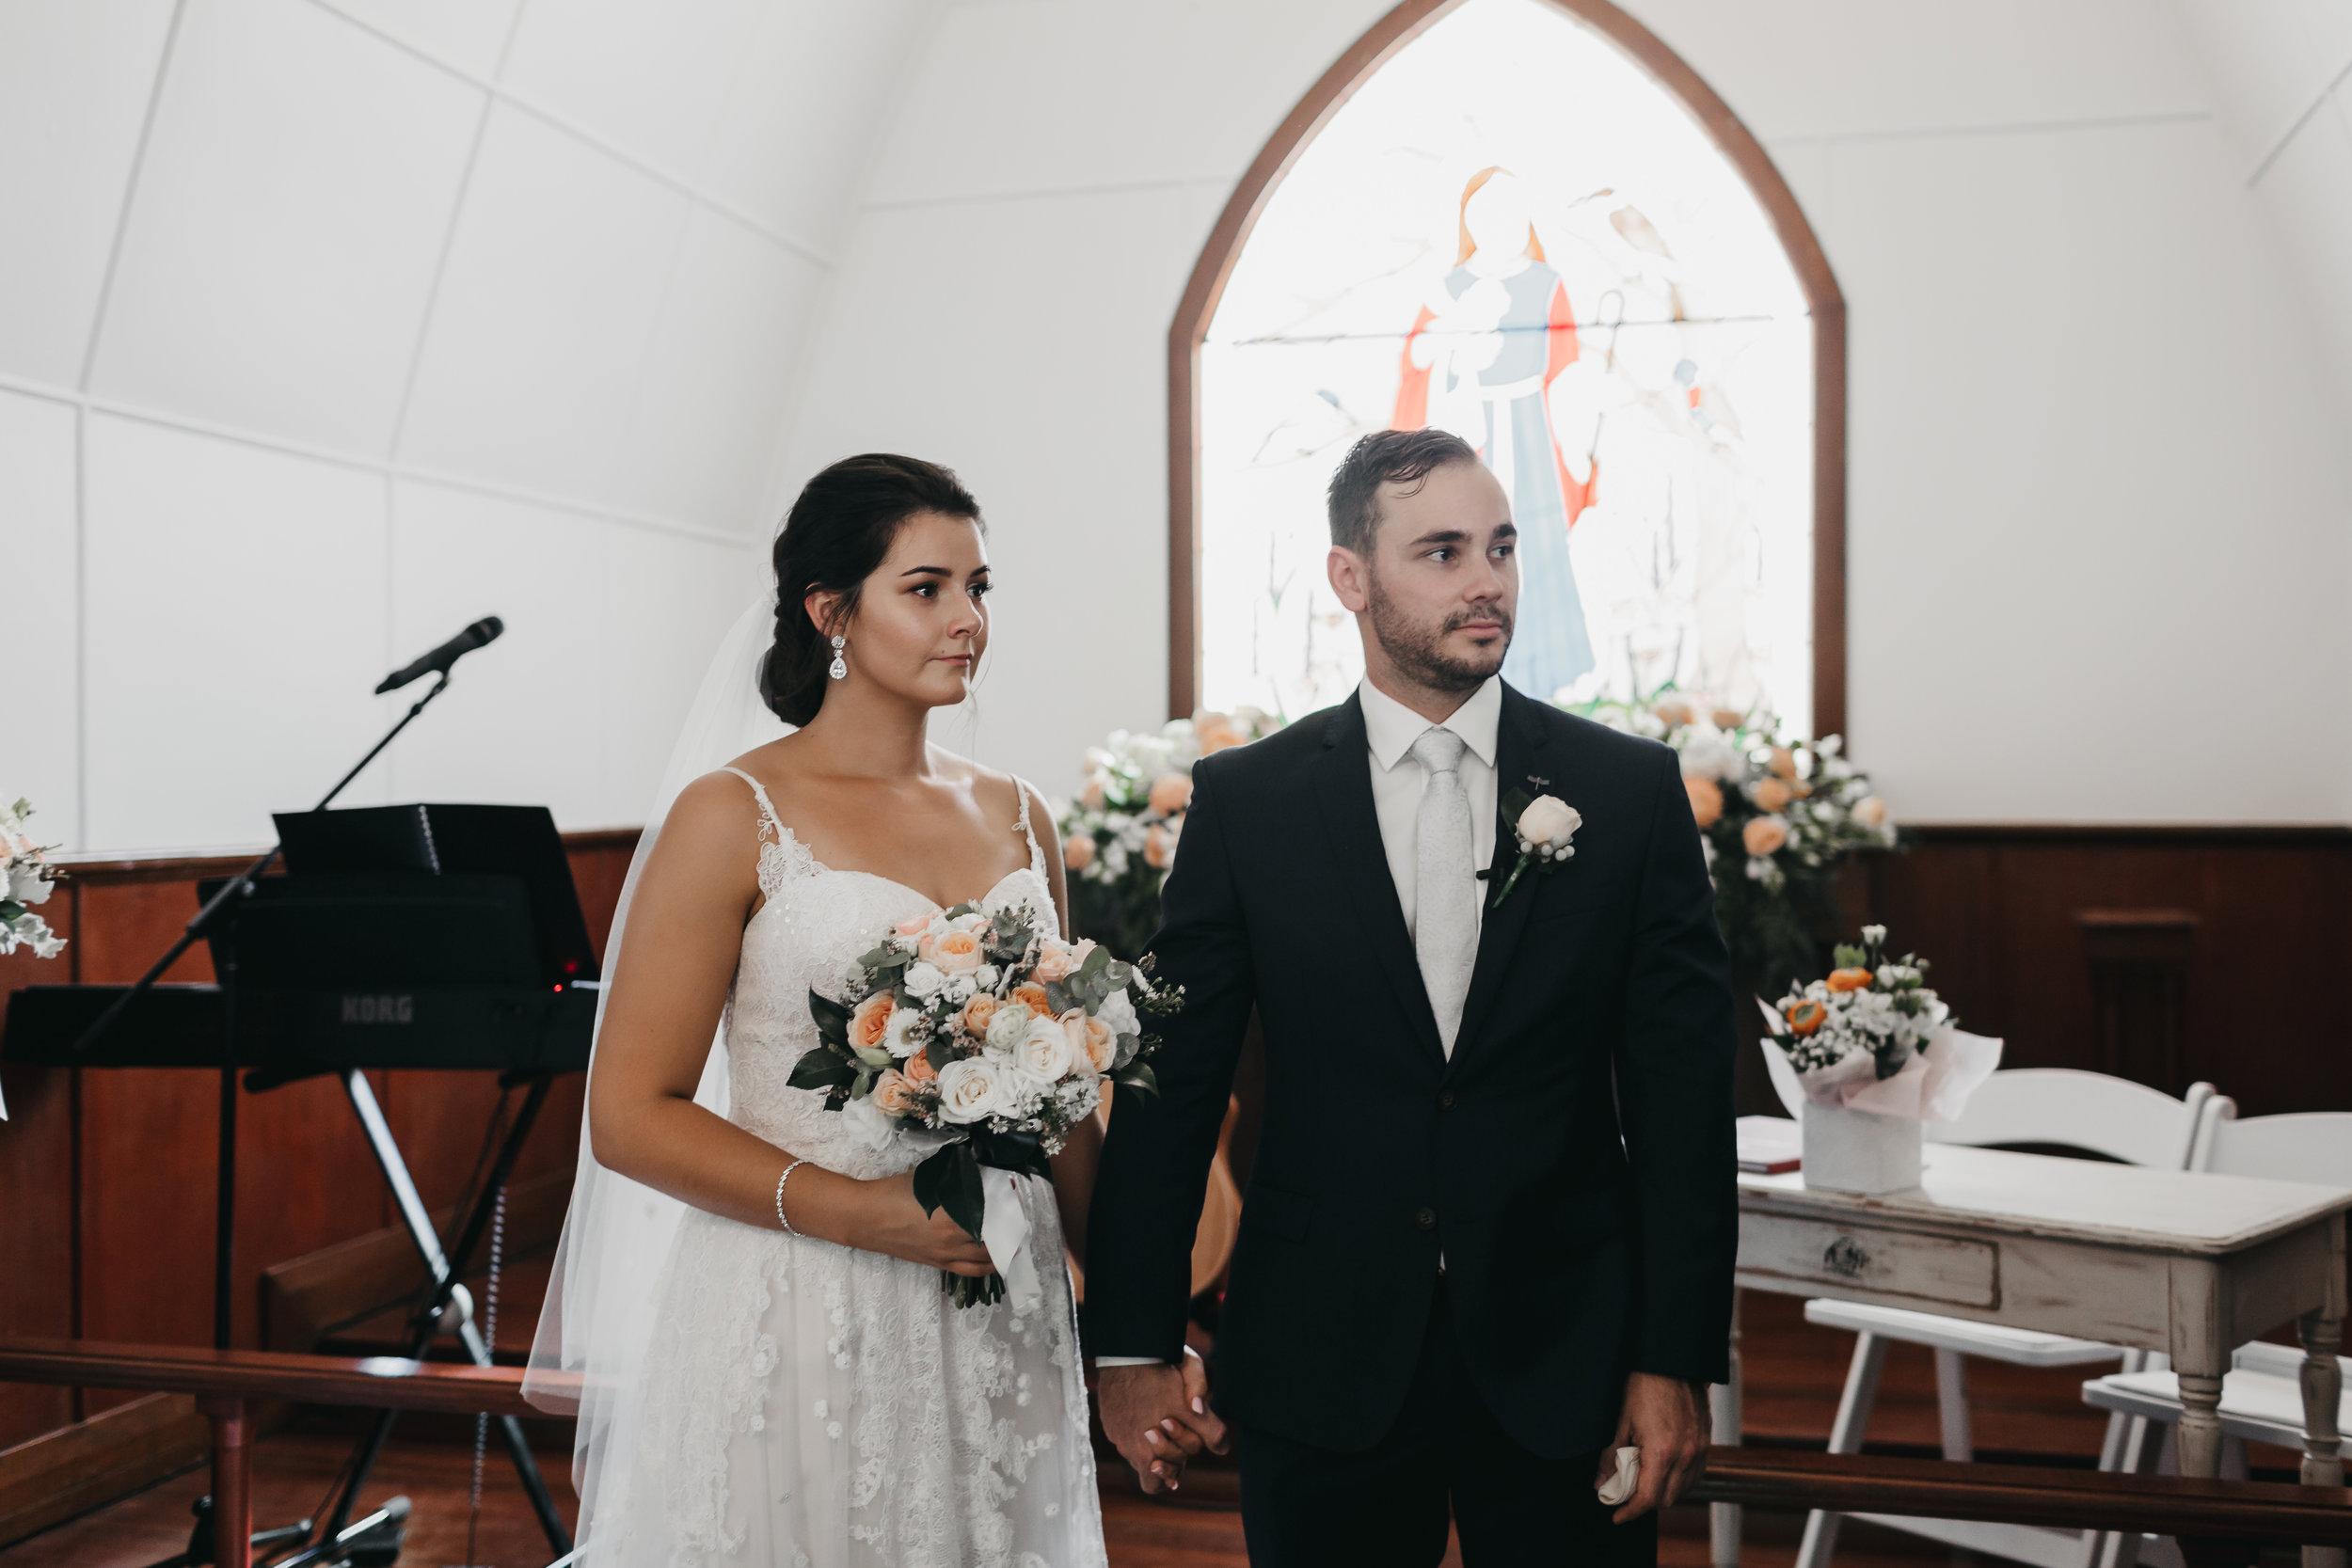 missendenwedding-296.jpg